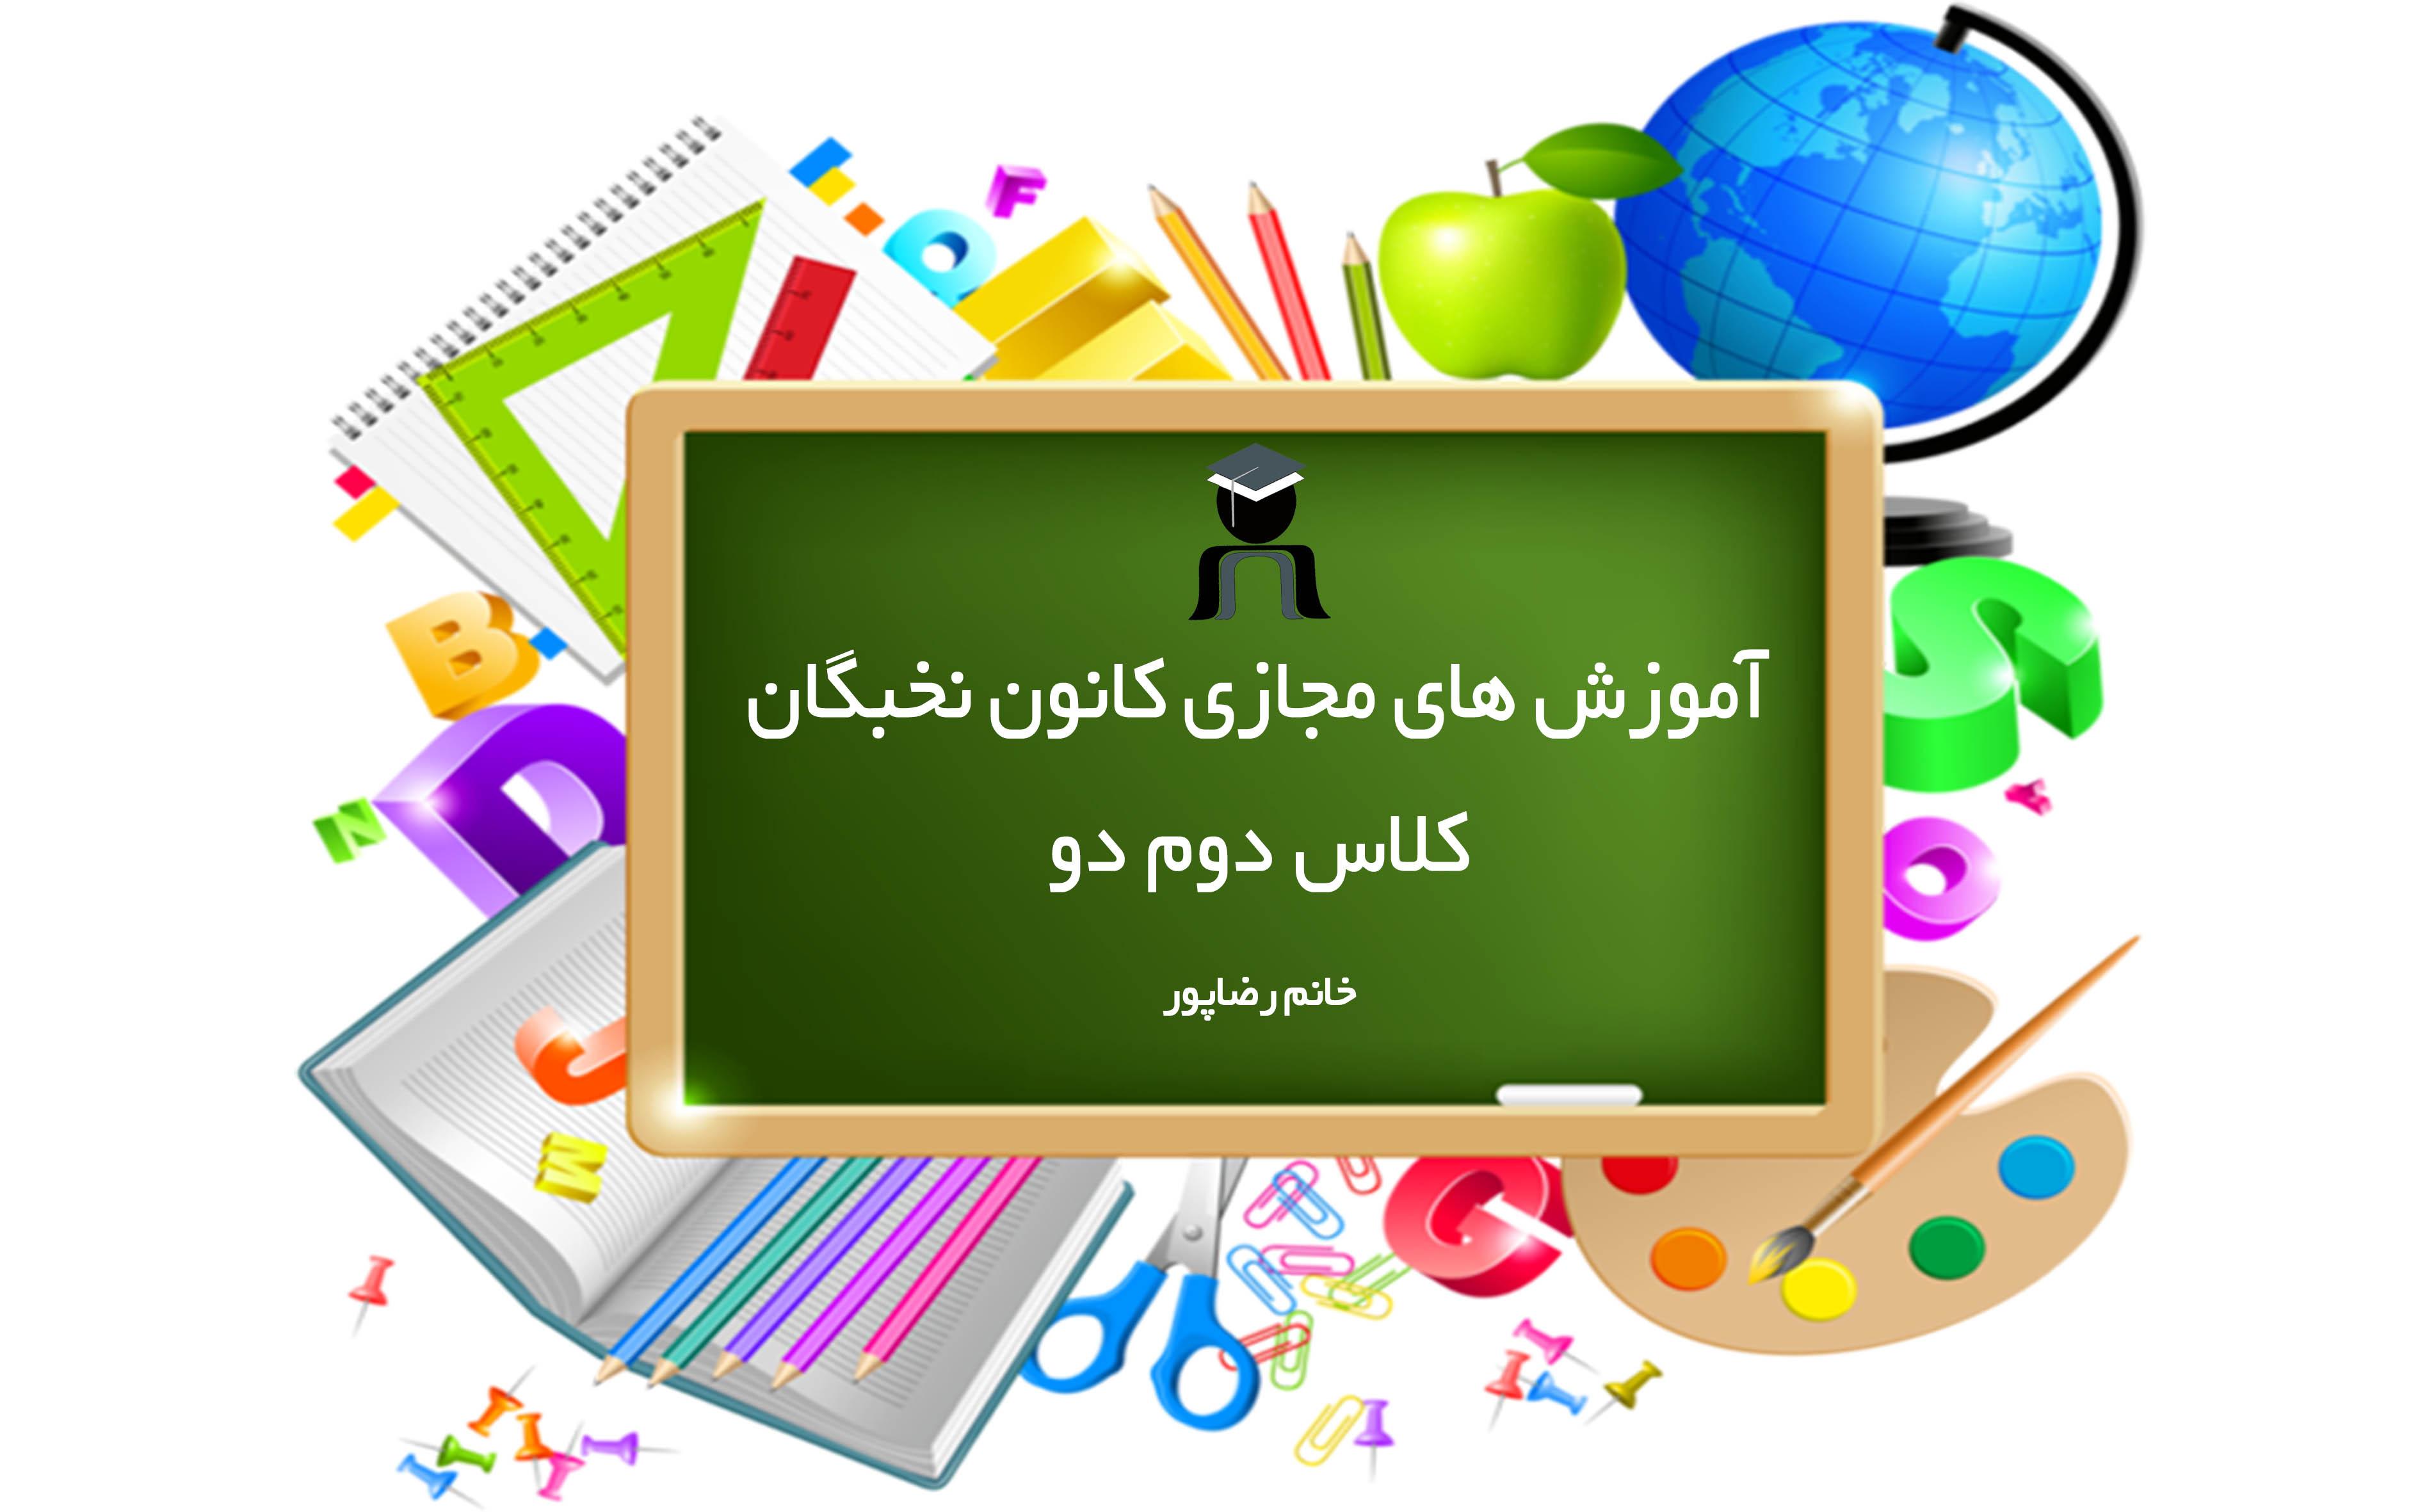 آموزش های مجازی کلاس دوم دو (خانم رضاپور)